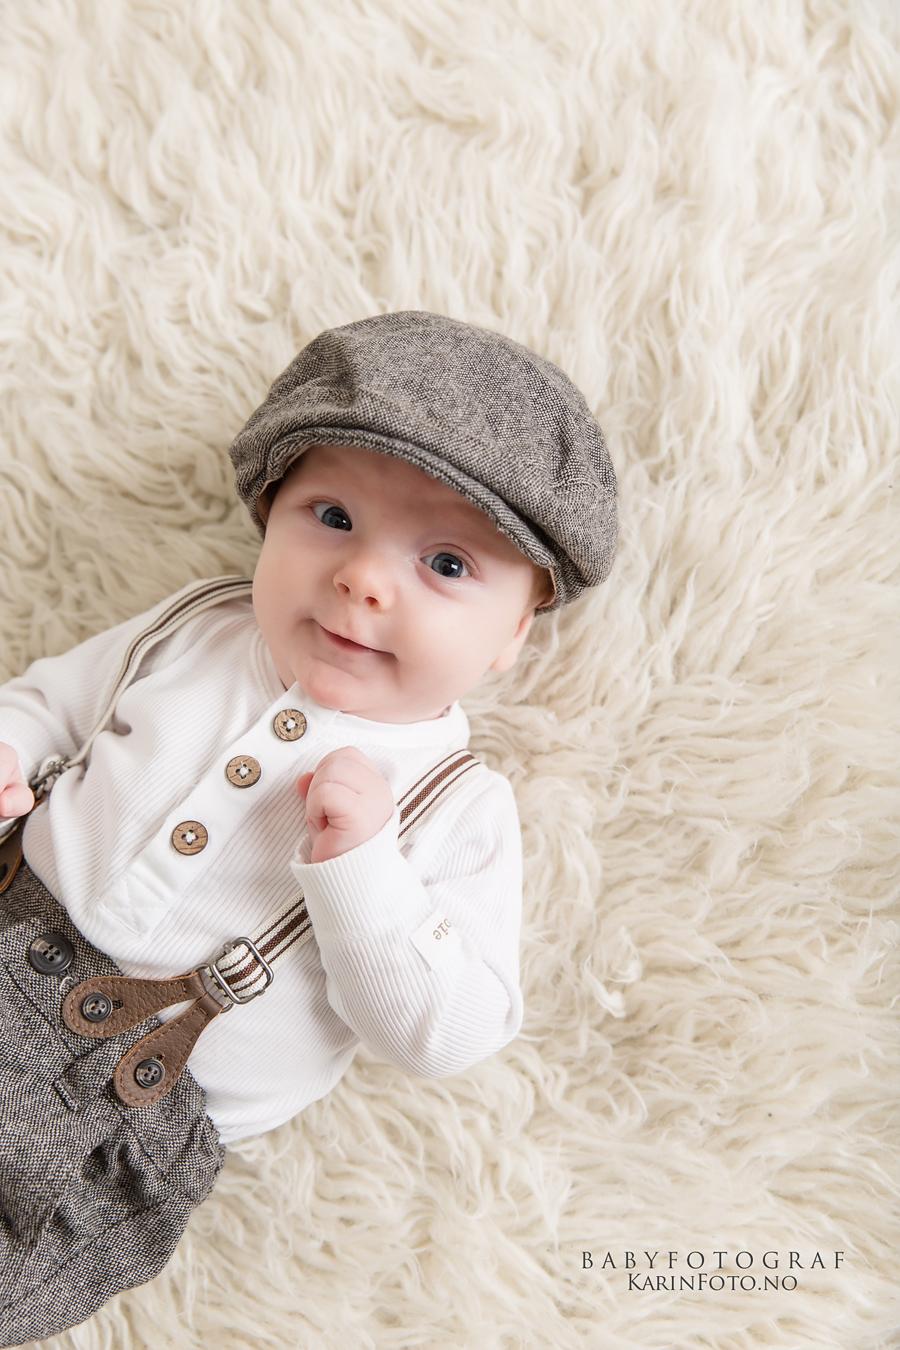 babyfotograf_babyfotografering_karinfoto